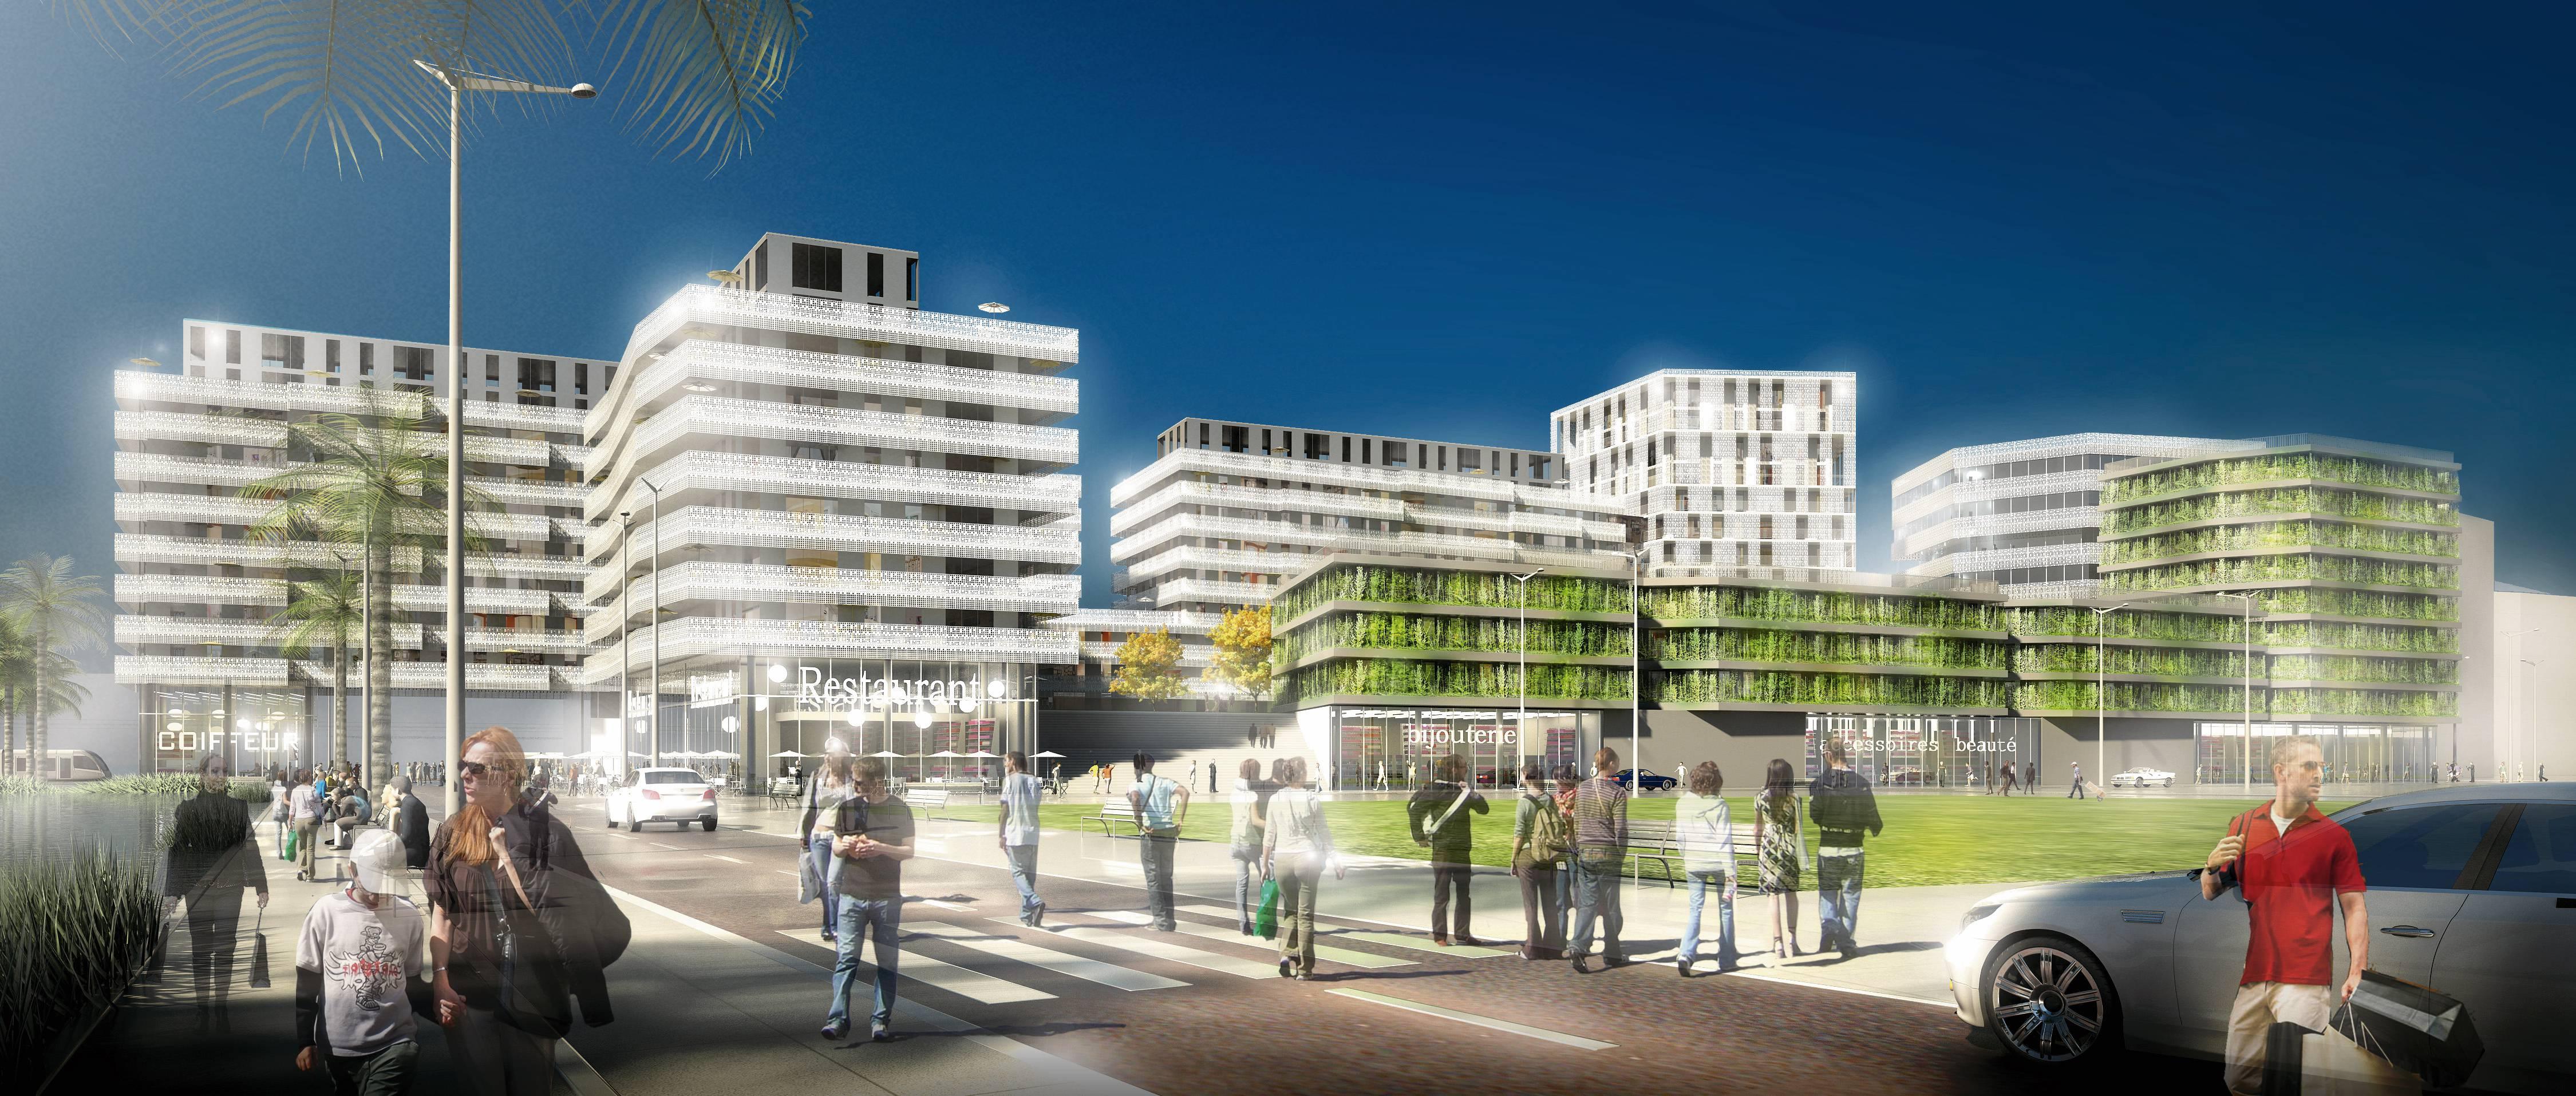 Maitrise D Oeuvre Montpellier montpellier - la maîtrise d'œuvre de l'îlot h confiée à